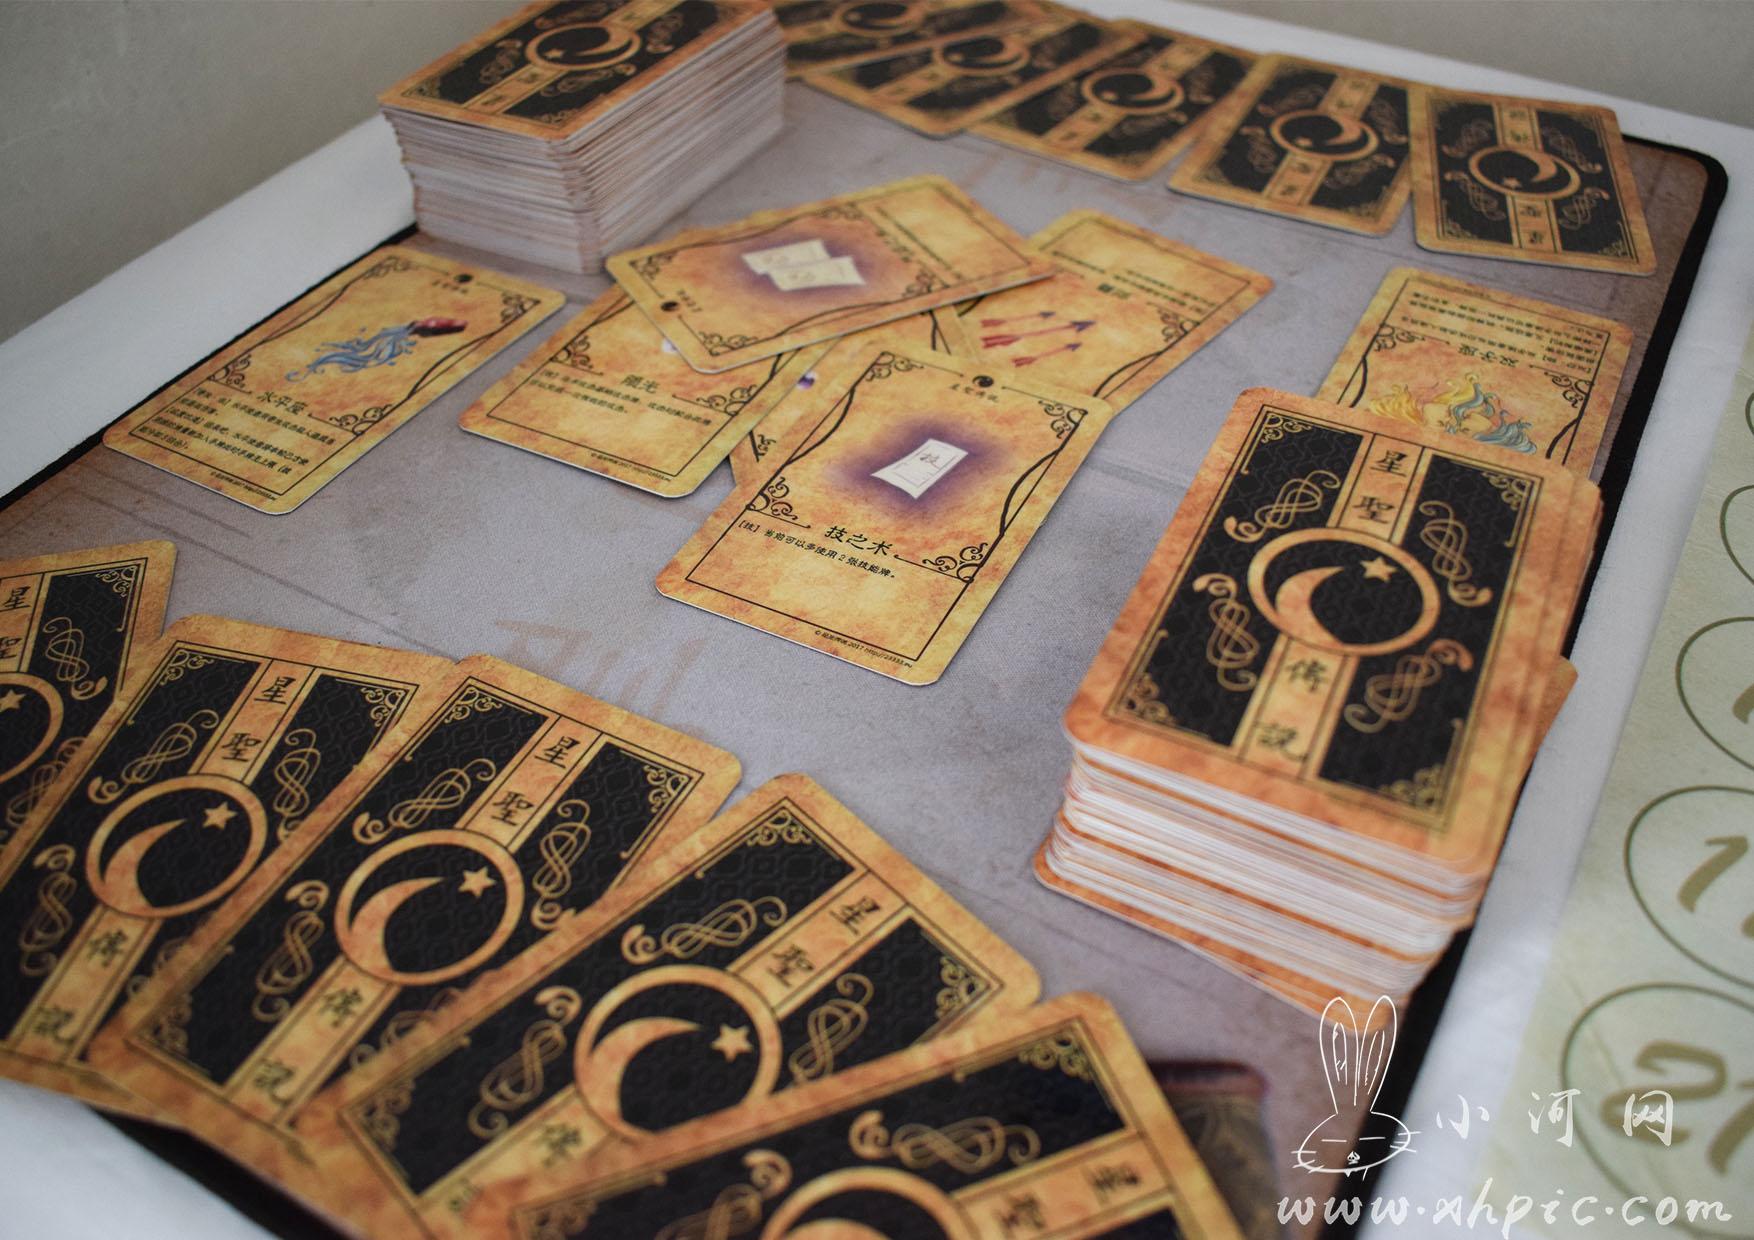 十二星座桌面卡牌游戏-星圣传说 个人作品 第5张